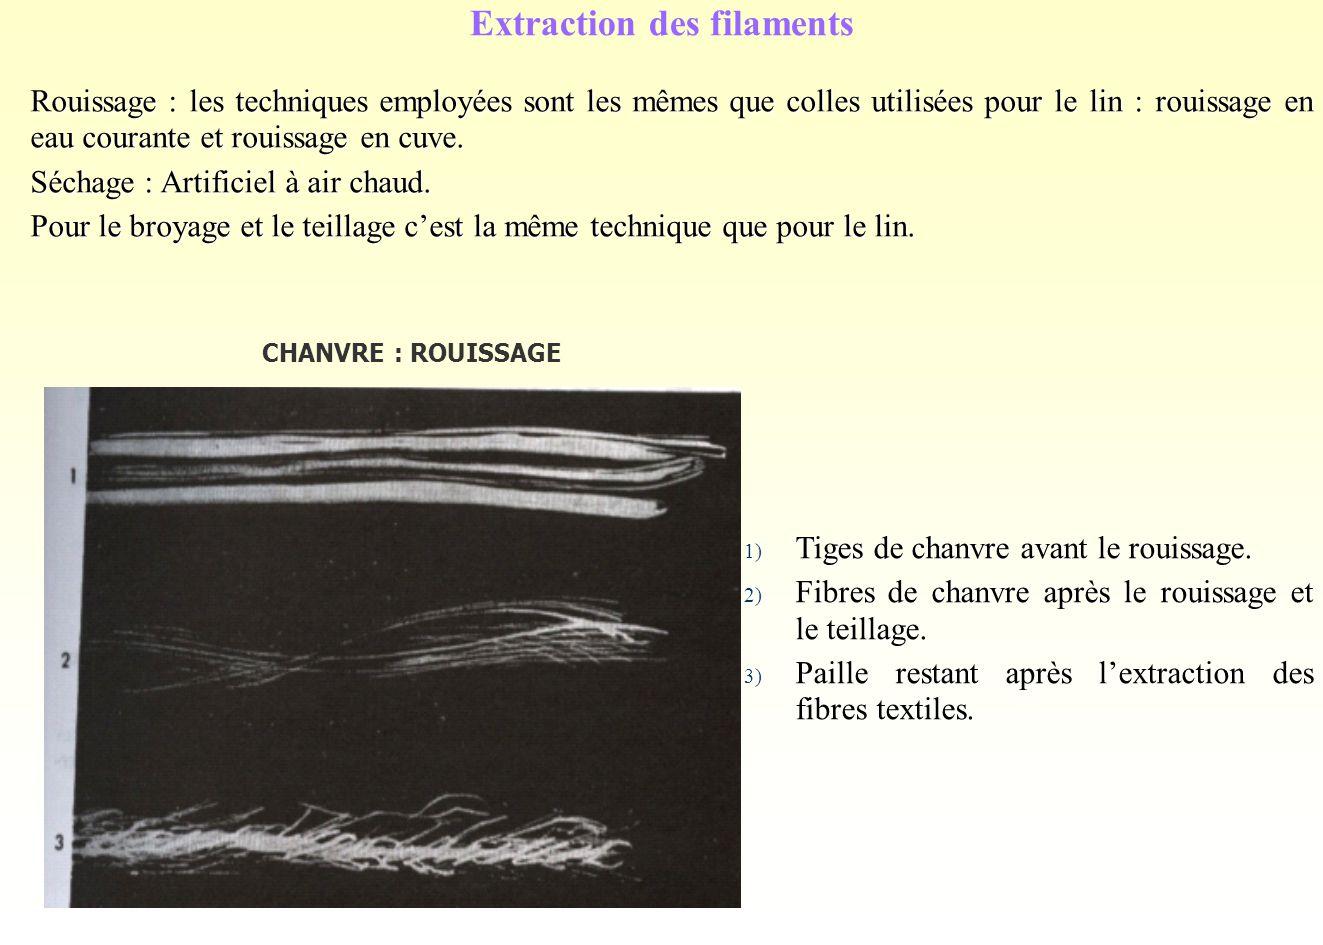 Extraction des filaments Rouissage : les techniques employées sont les mêmes que colles utilisées pour le lin : rouissage en eau courante et rouissage